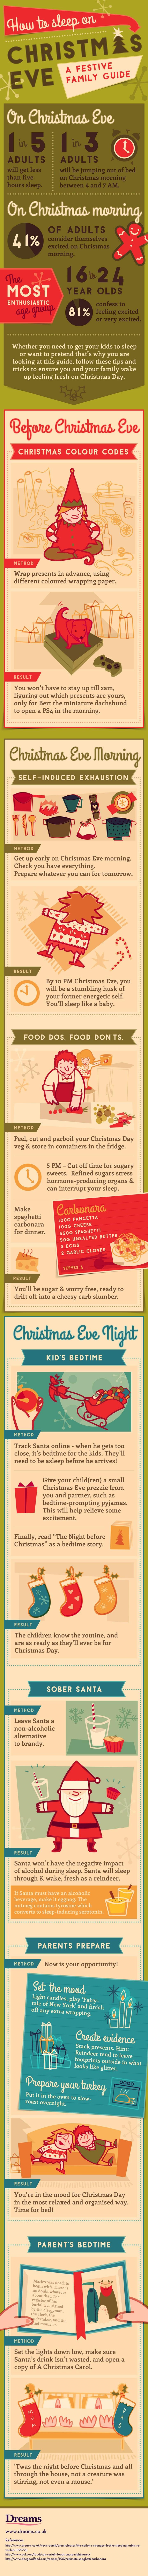 How to Sleep on Christmas Eve Infographic